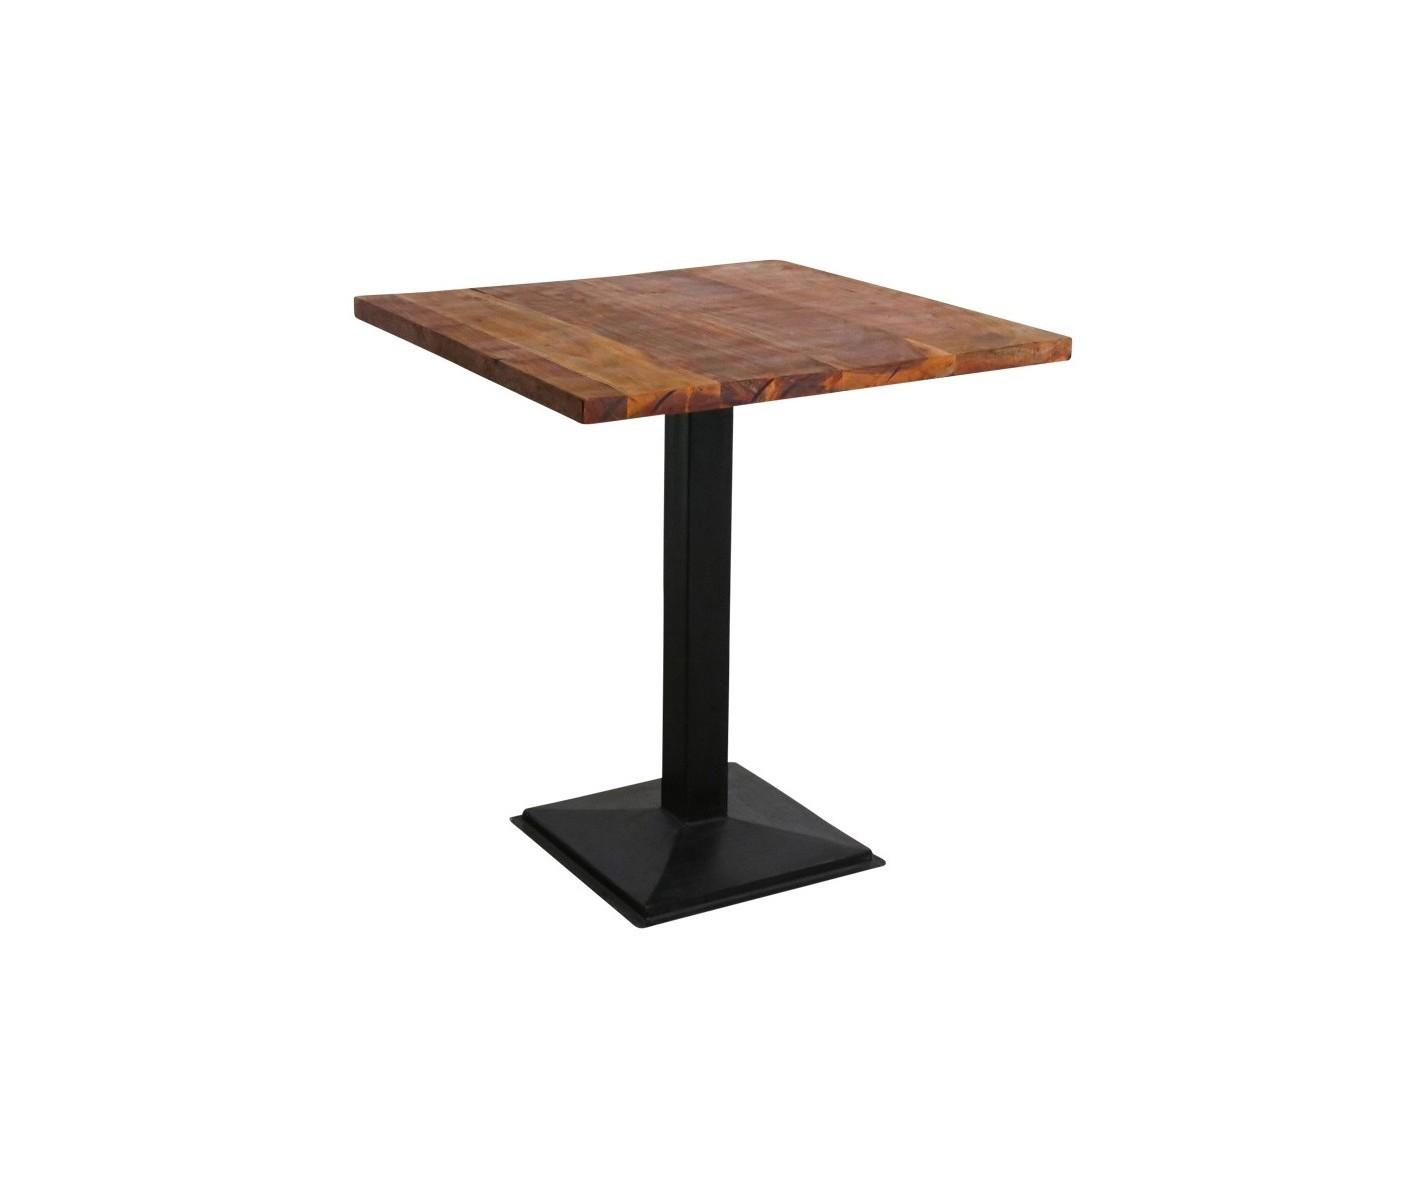 Стол AcaciaОбеденные столы<br>Стол ACACIA, массив дерева акации, квадратный.&amp;amp;nbsp;<br><br>Material: Акация<br>Ширина см: 70<br>Высота см: 80<br>Глубина см: 70